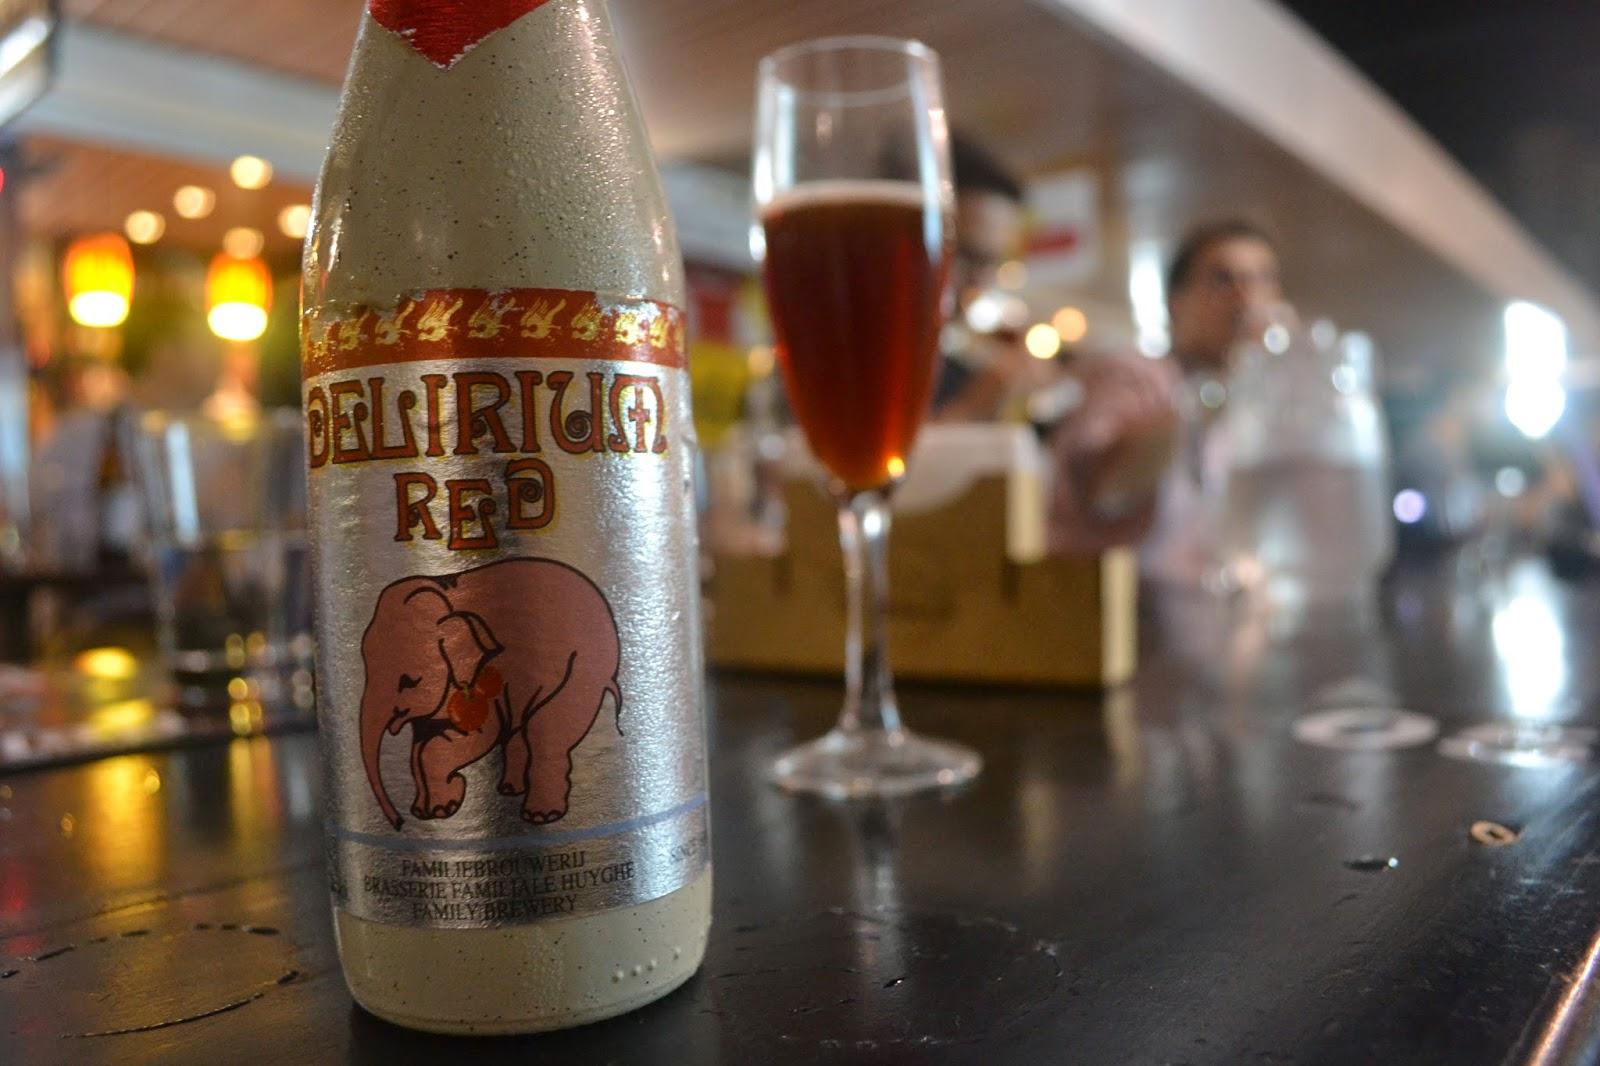 Cerveja delirium red joão filho sommelier